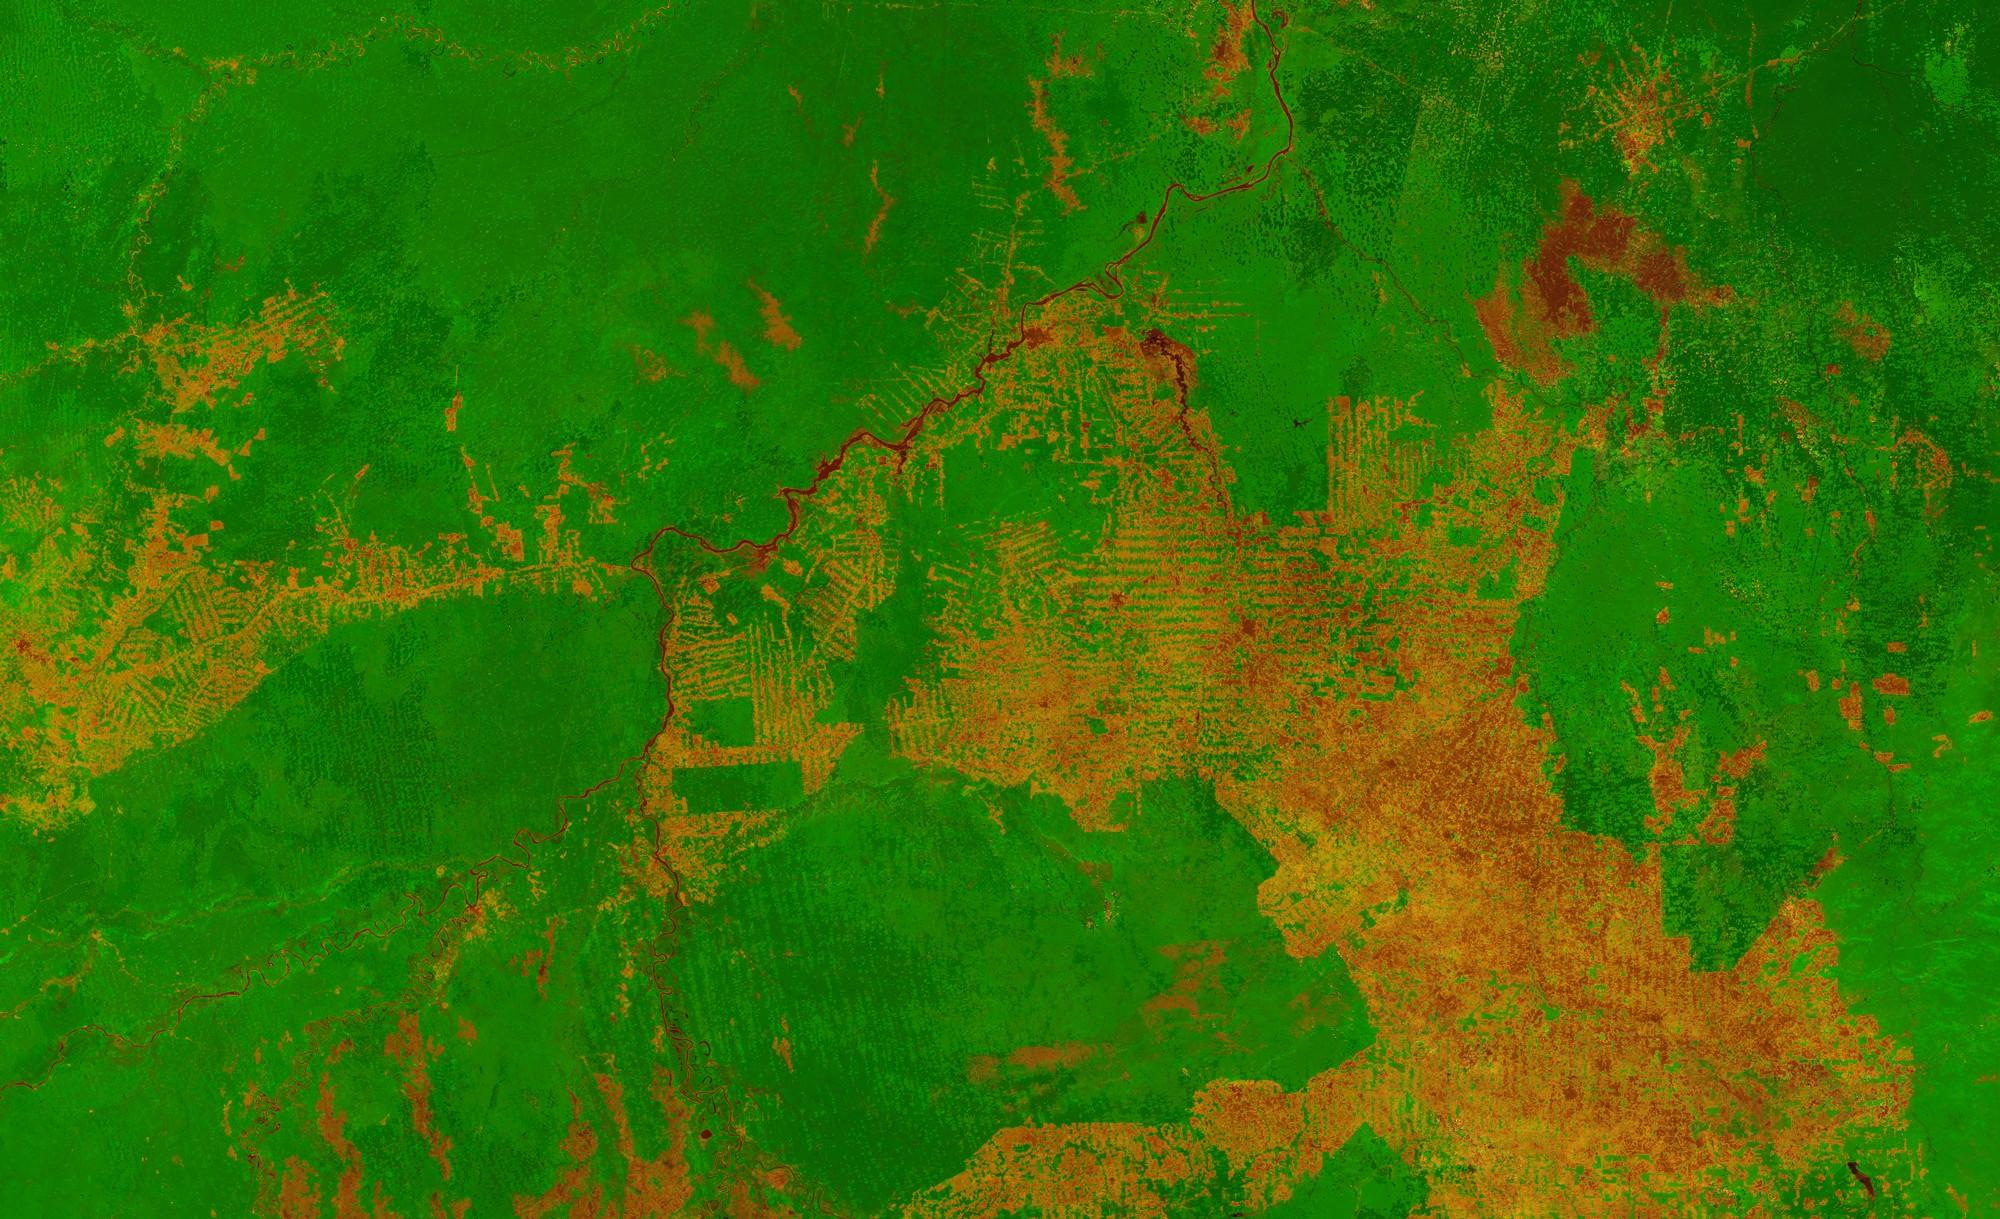 Áreas desmatadas são aquelas que aparecem em marrom (Foto: ESA/VITO)